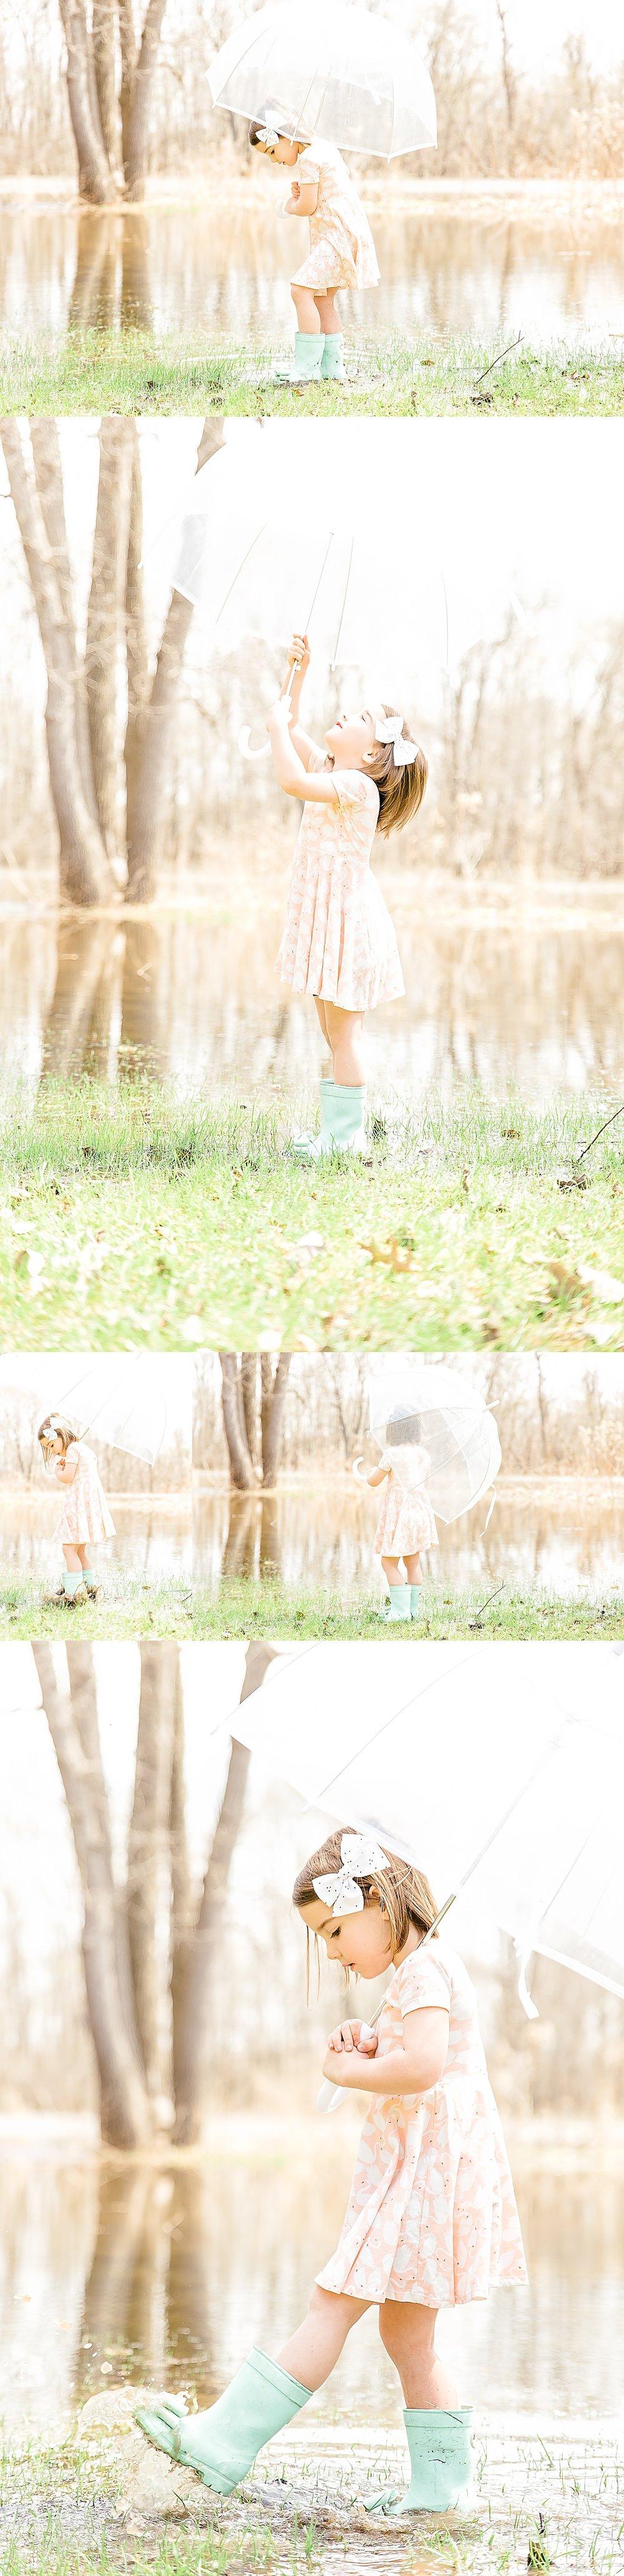 gallery.image_0091.jpg